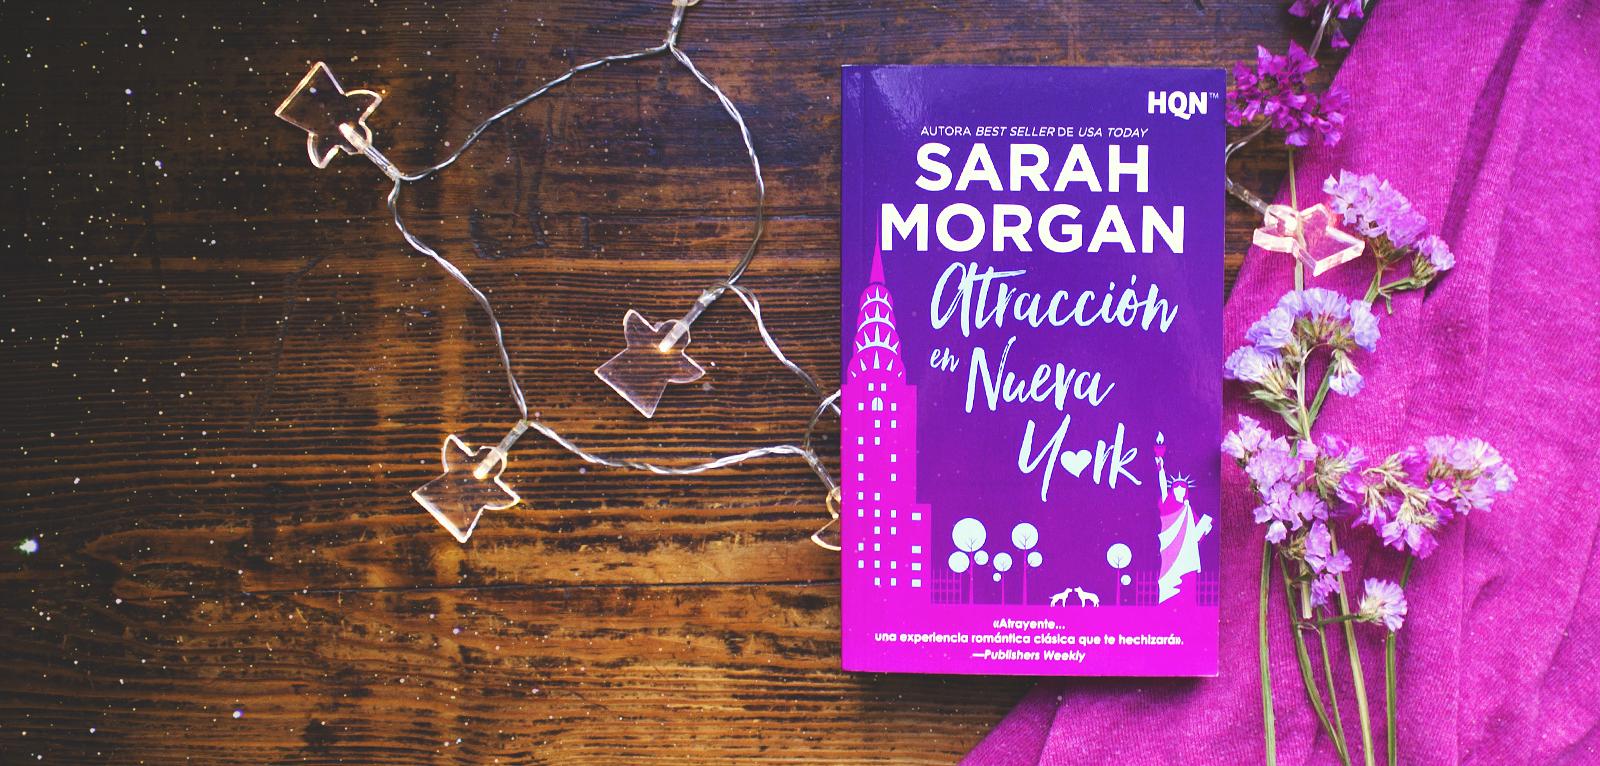 Atracción en Nueva York · Sarah Morgan